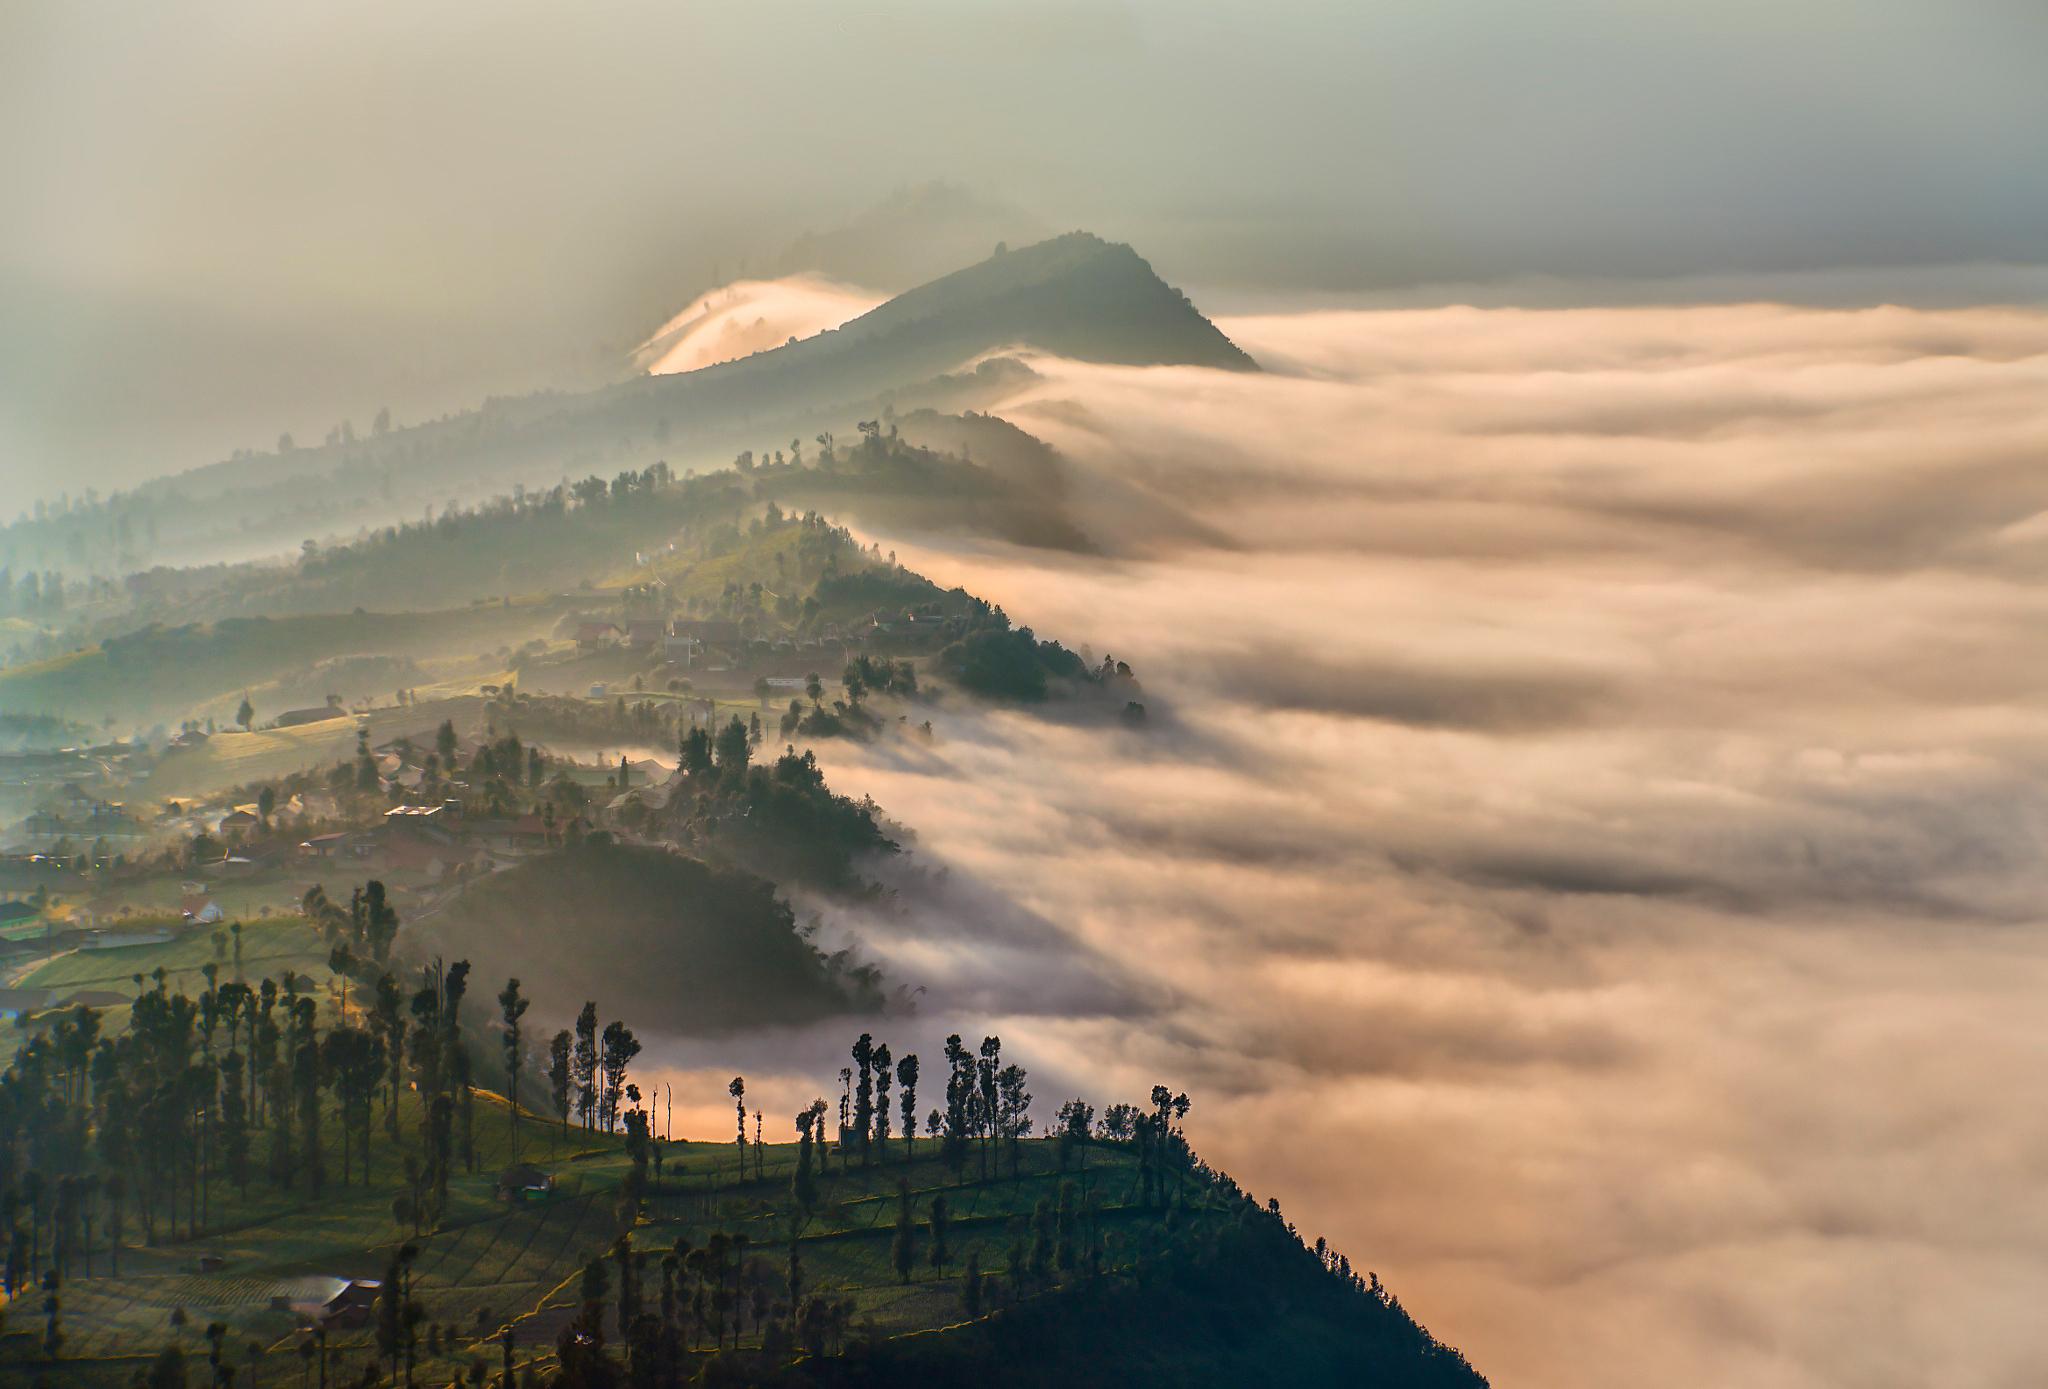 вулкан горы облака туман  № 754967 бесплатно